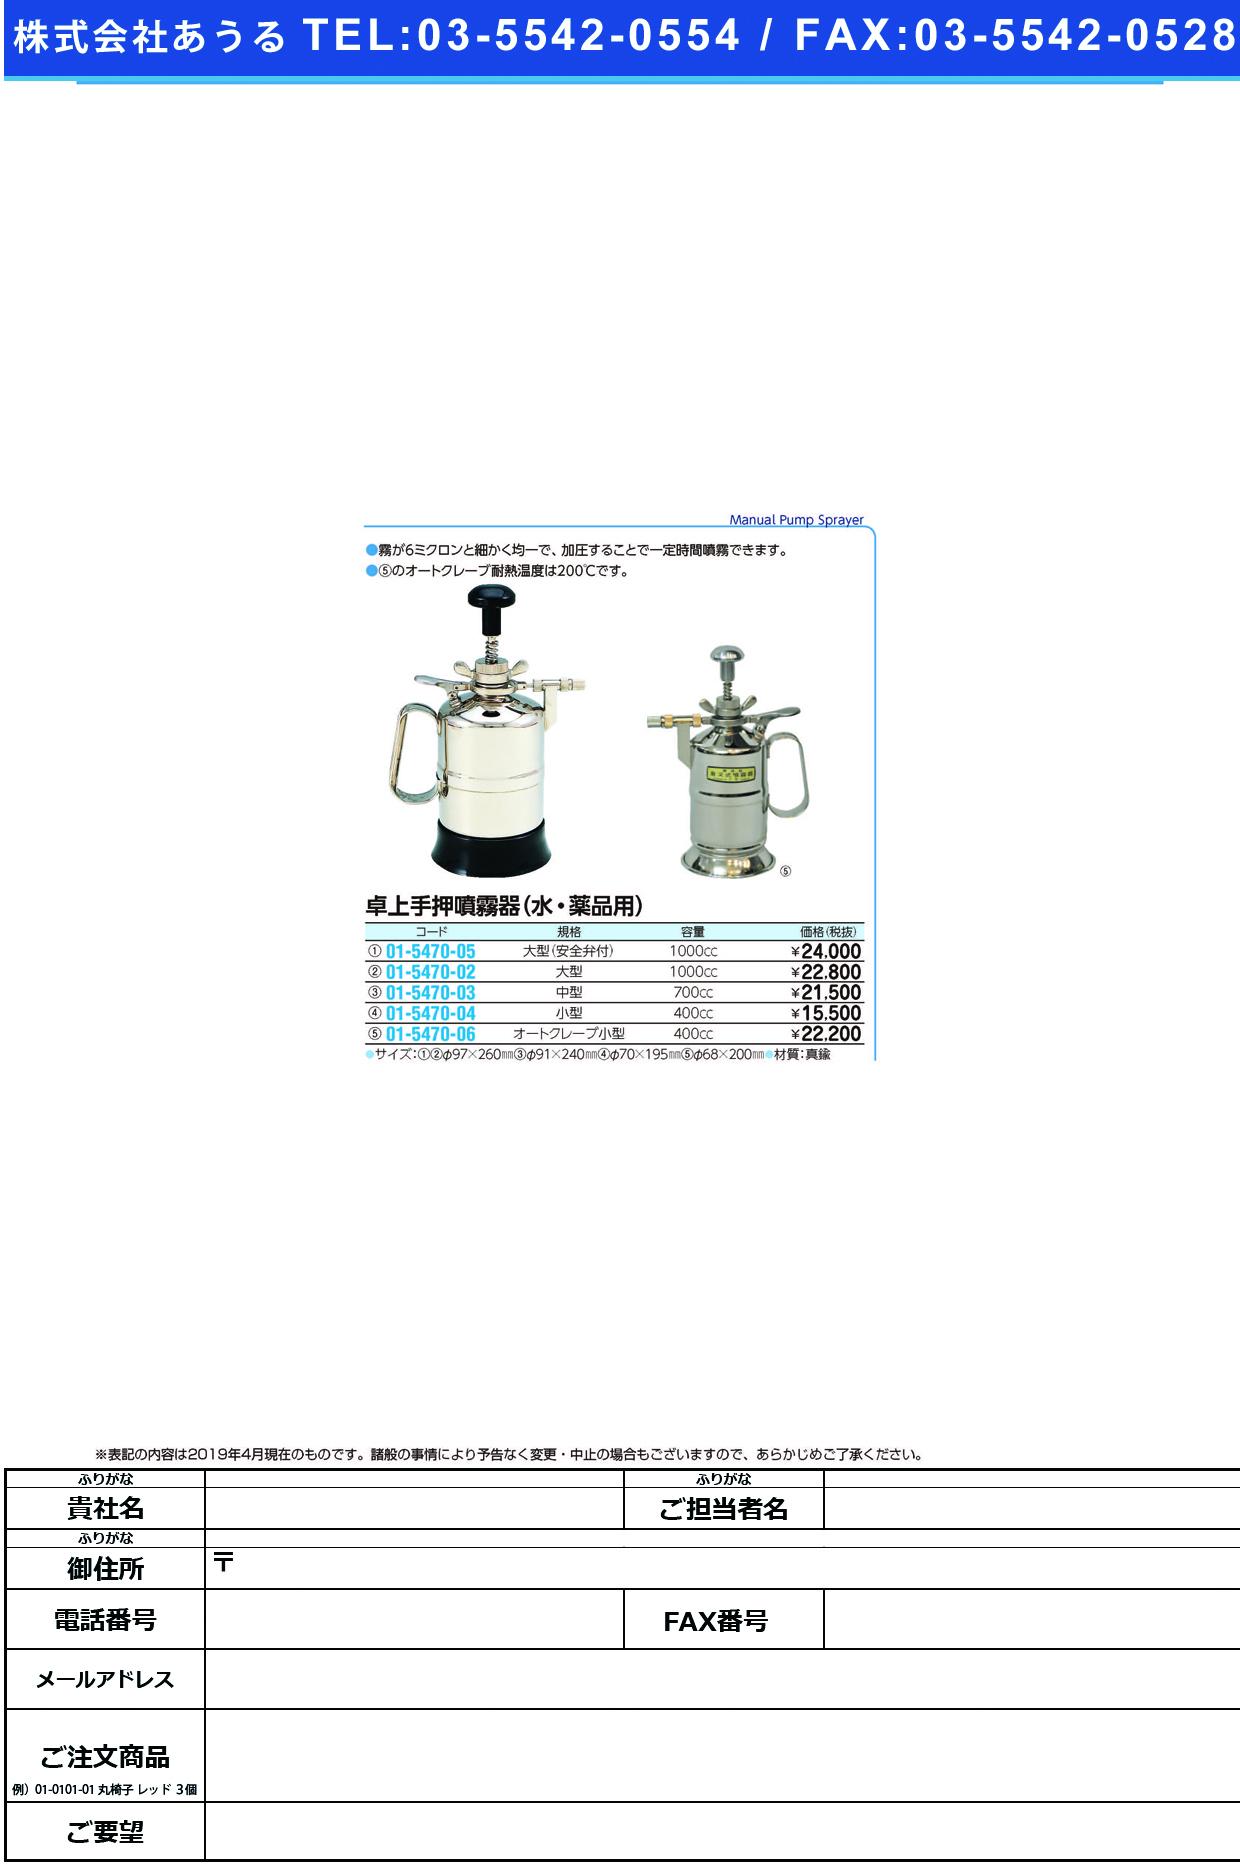 (01-5470-04)卓上手押噴霧器(小型) 400CC タクジョウテオシフンムキコガタ【1個単位】【2019年カタログ商品】